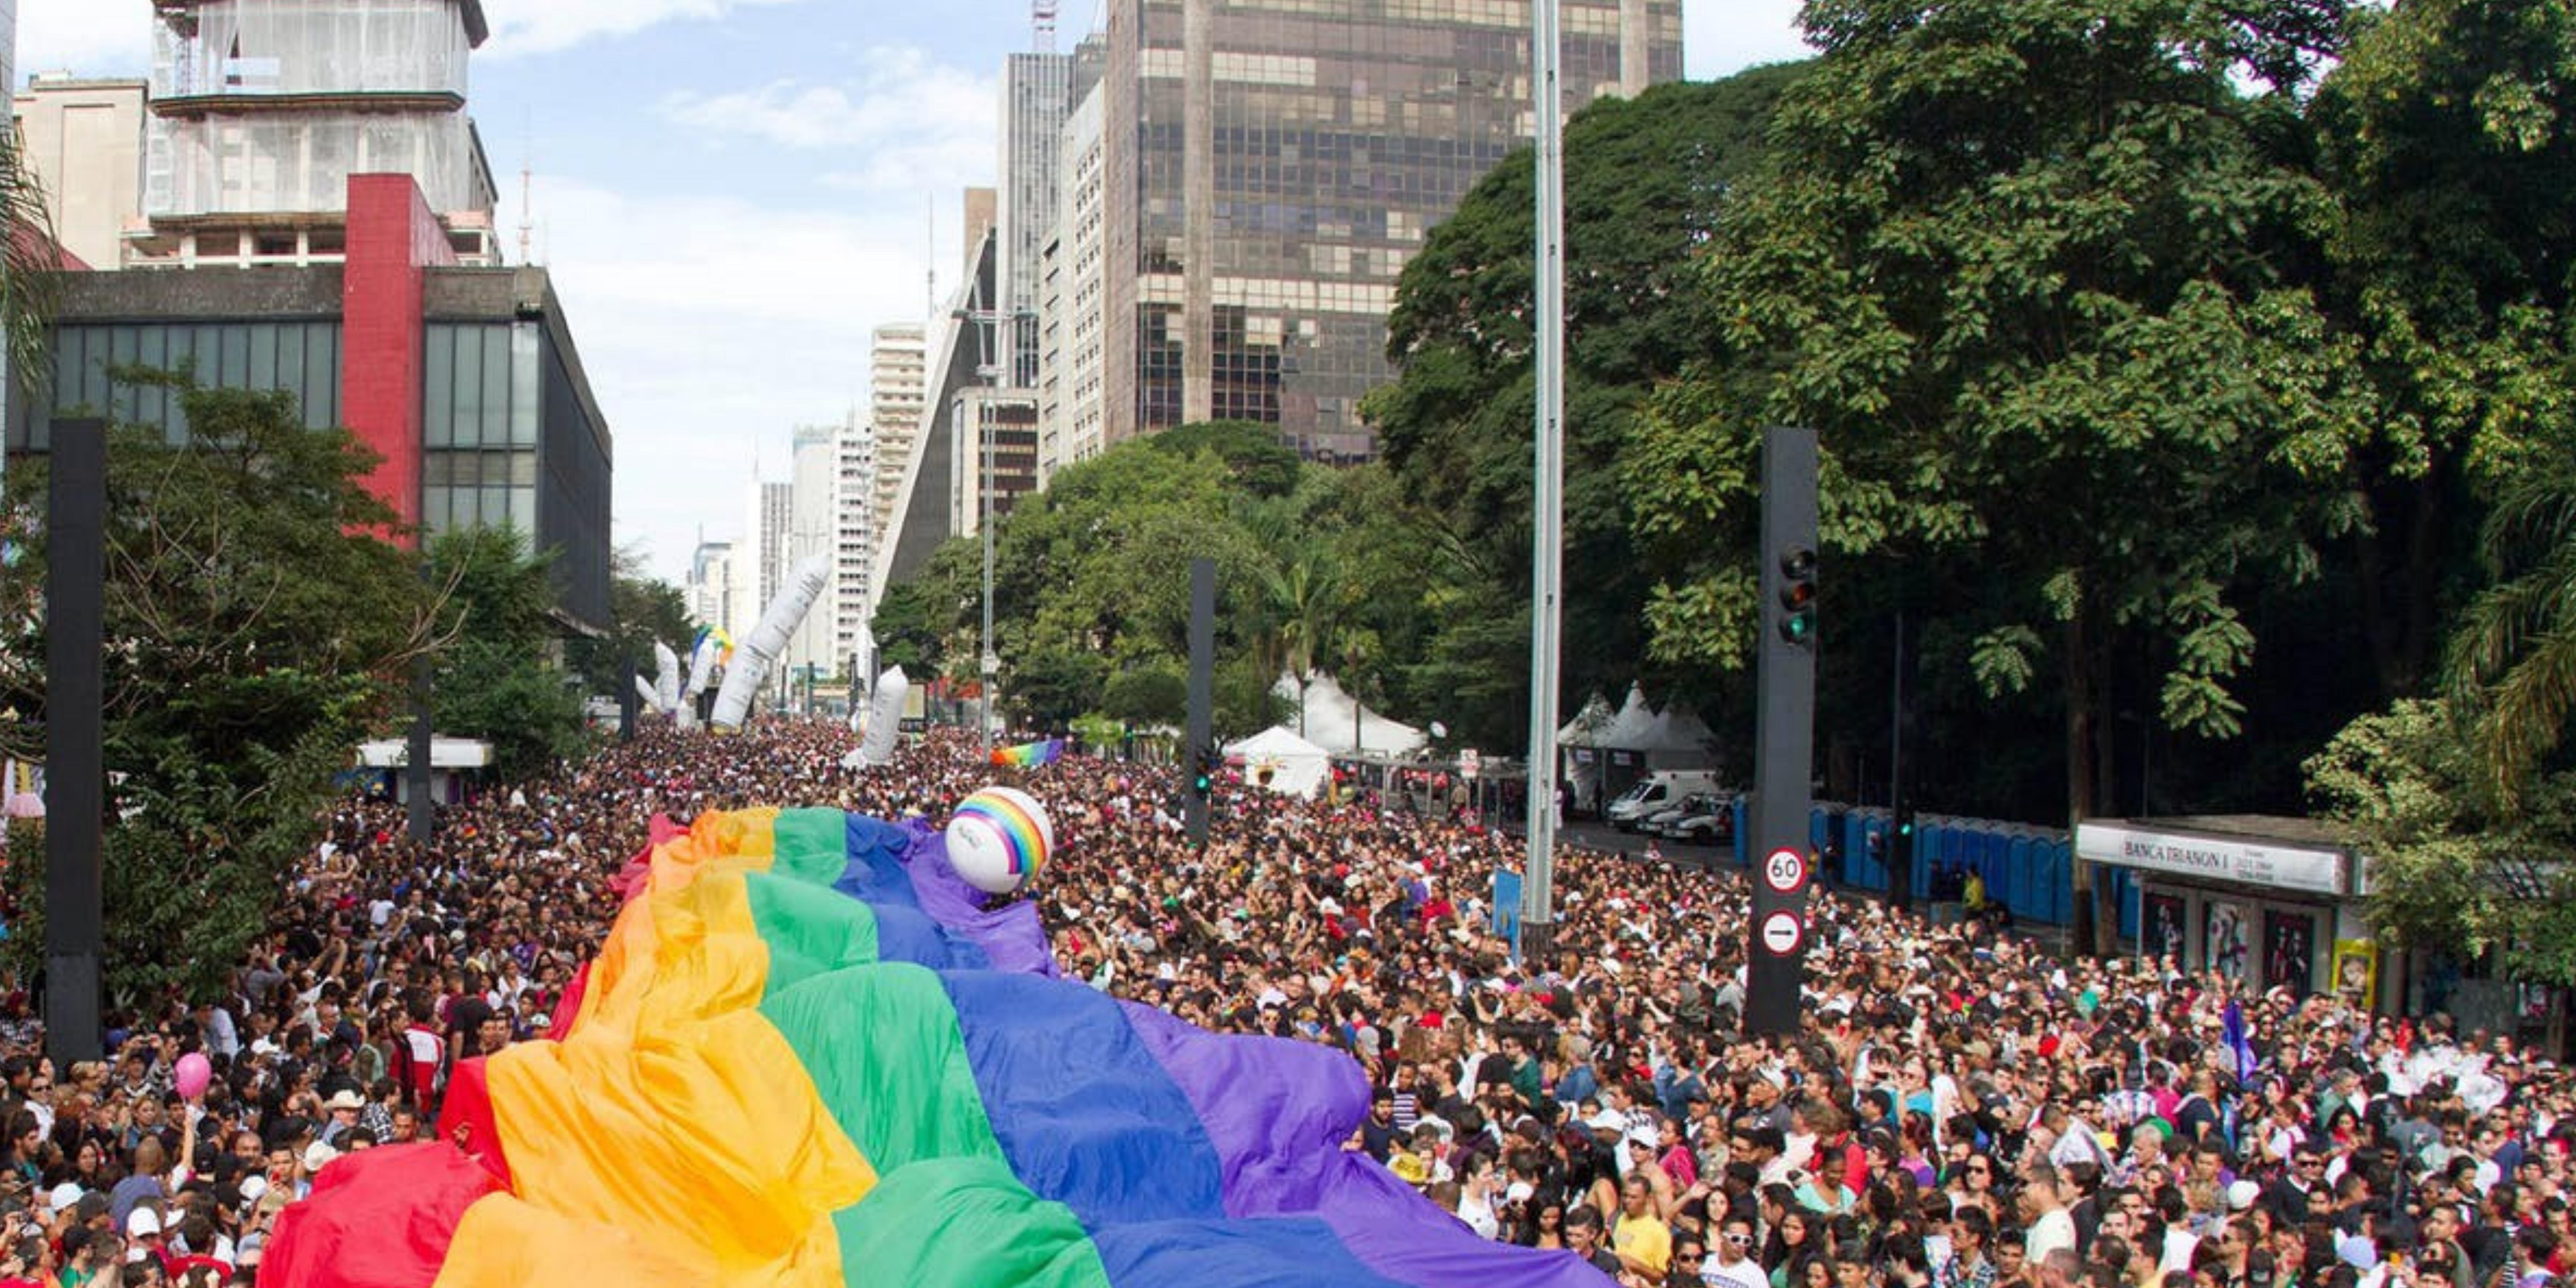 Dia 29 de agosto ocorrerá ato na Av. Paulista pedindo resposta do Governo do Estado em relação ao Museu da Diversidade